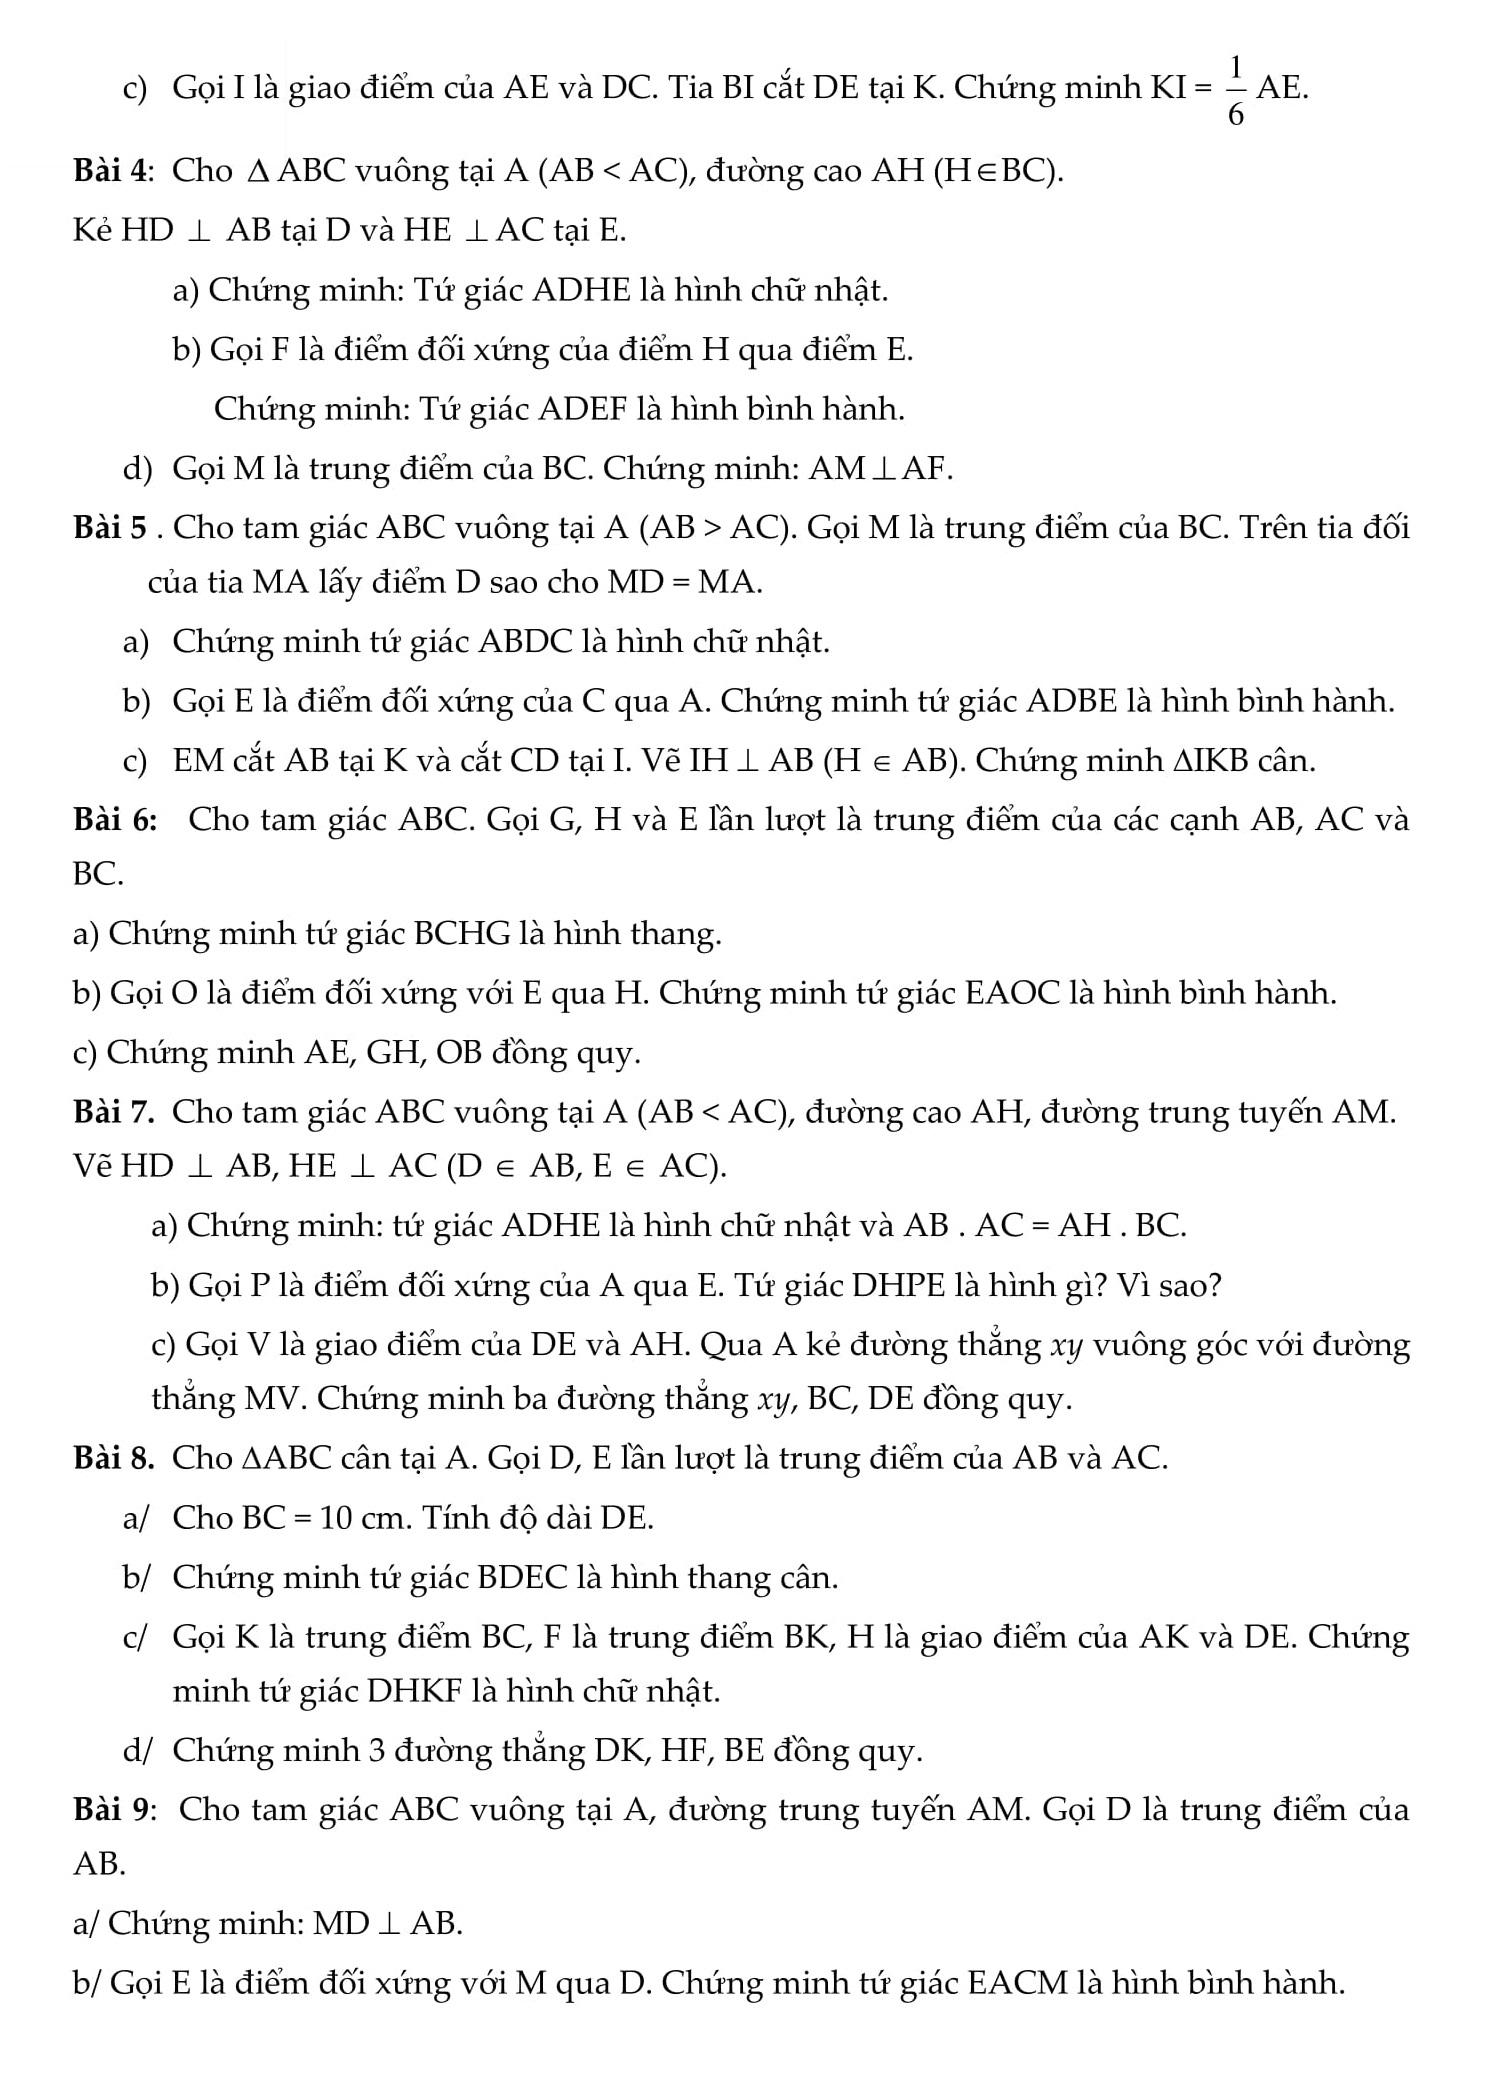 Đề cương HK1 toán 8 bài tập có hướng dẫn giải